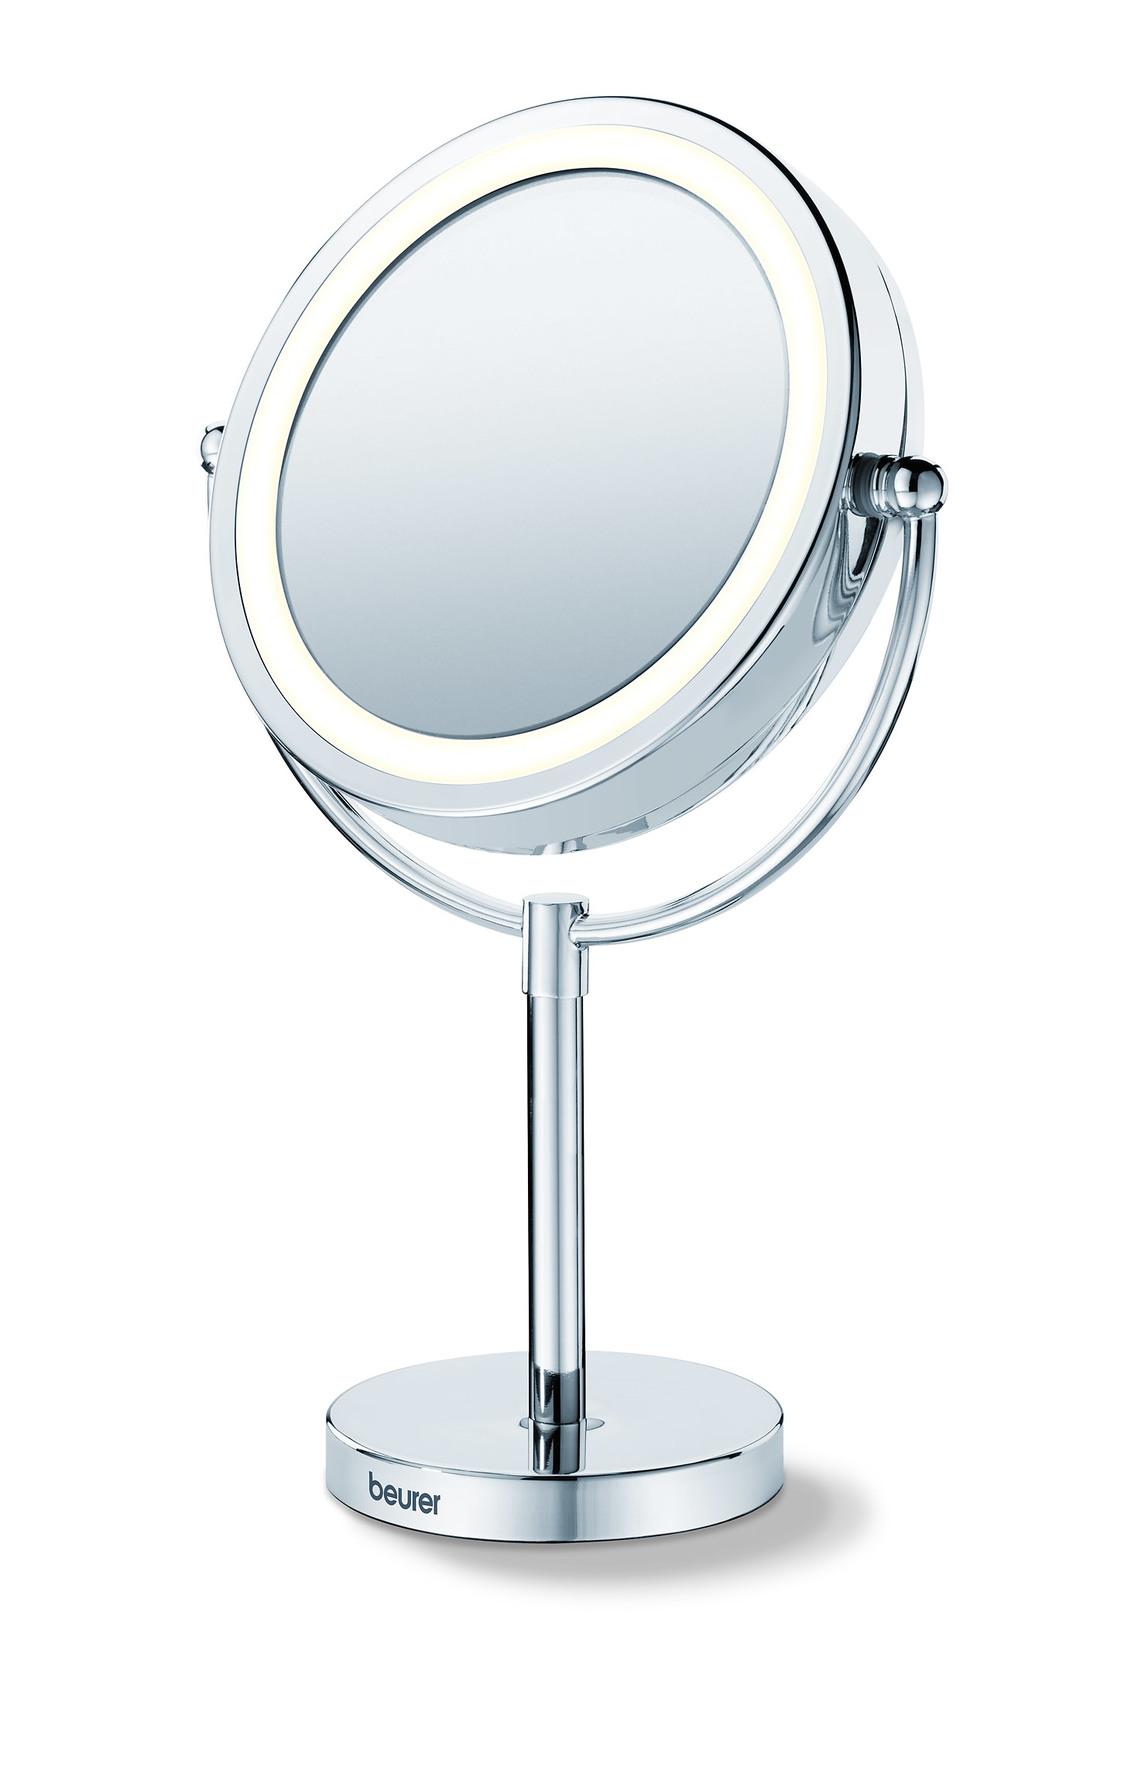 makeup spejl Beurer BS69 makeup spejl makeup spejl